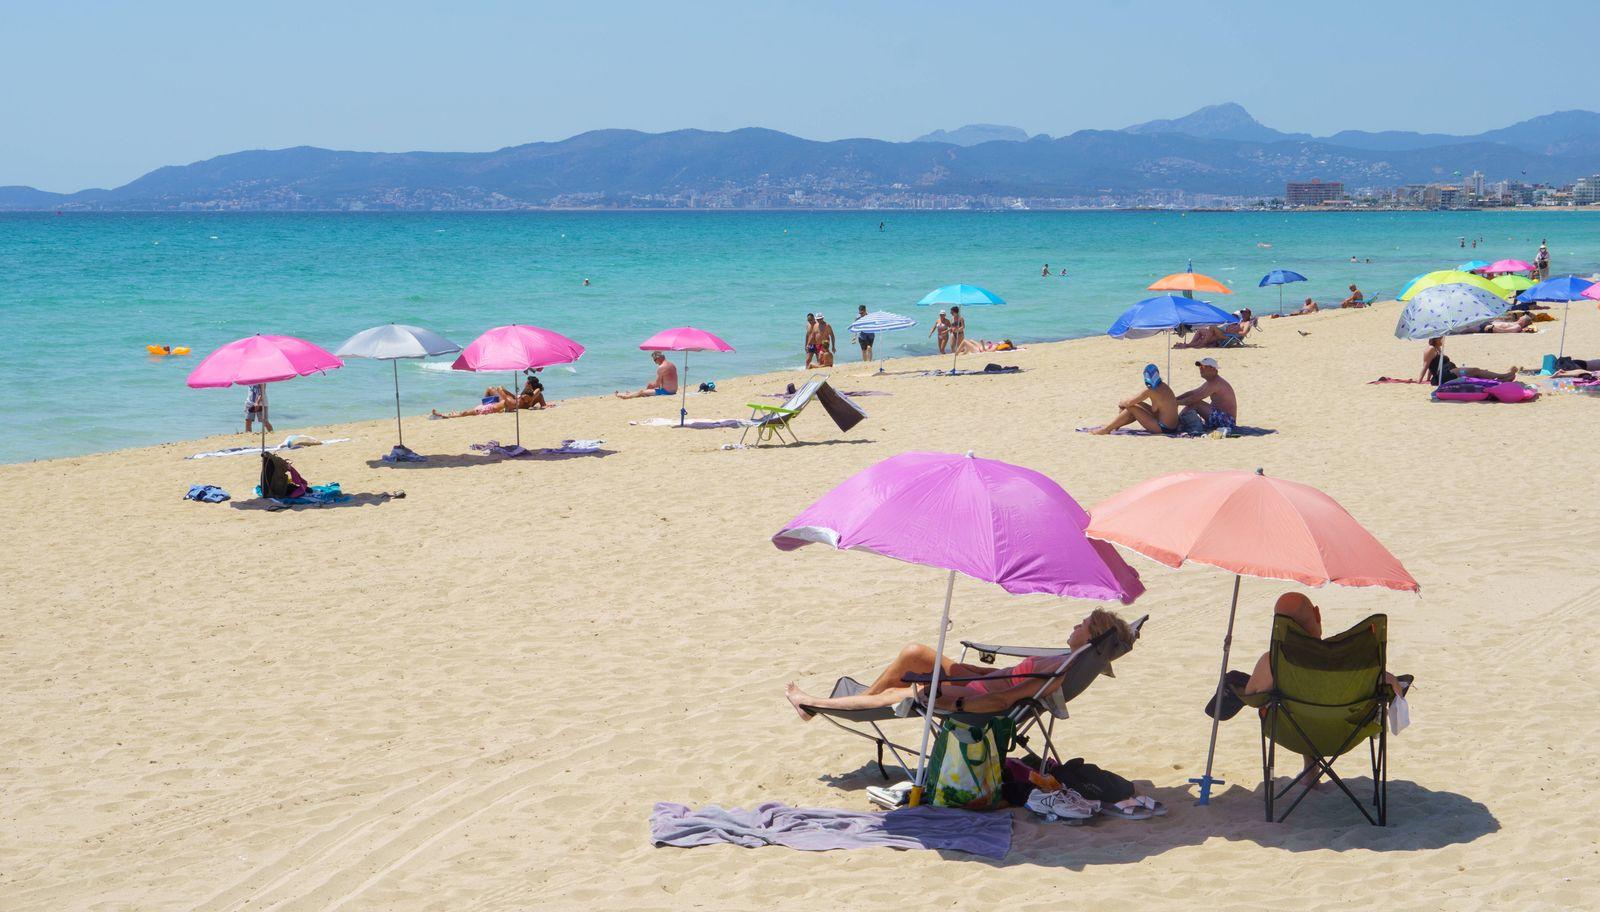 Playa de Palma auf Mallorca im zweiten Jahr der Corona-Pandemie Frühsommer 2021 -;Playa de Palma auf Mallorca im zweiten